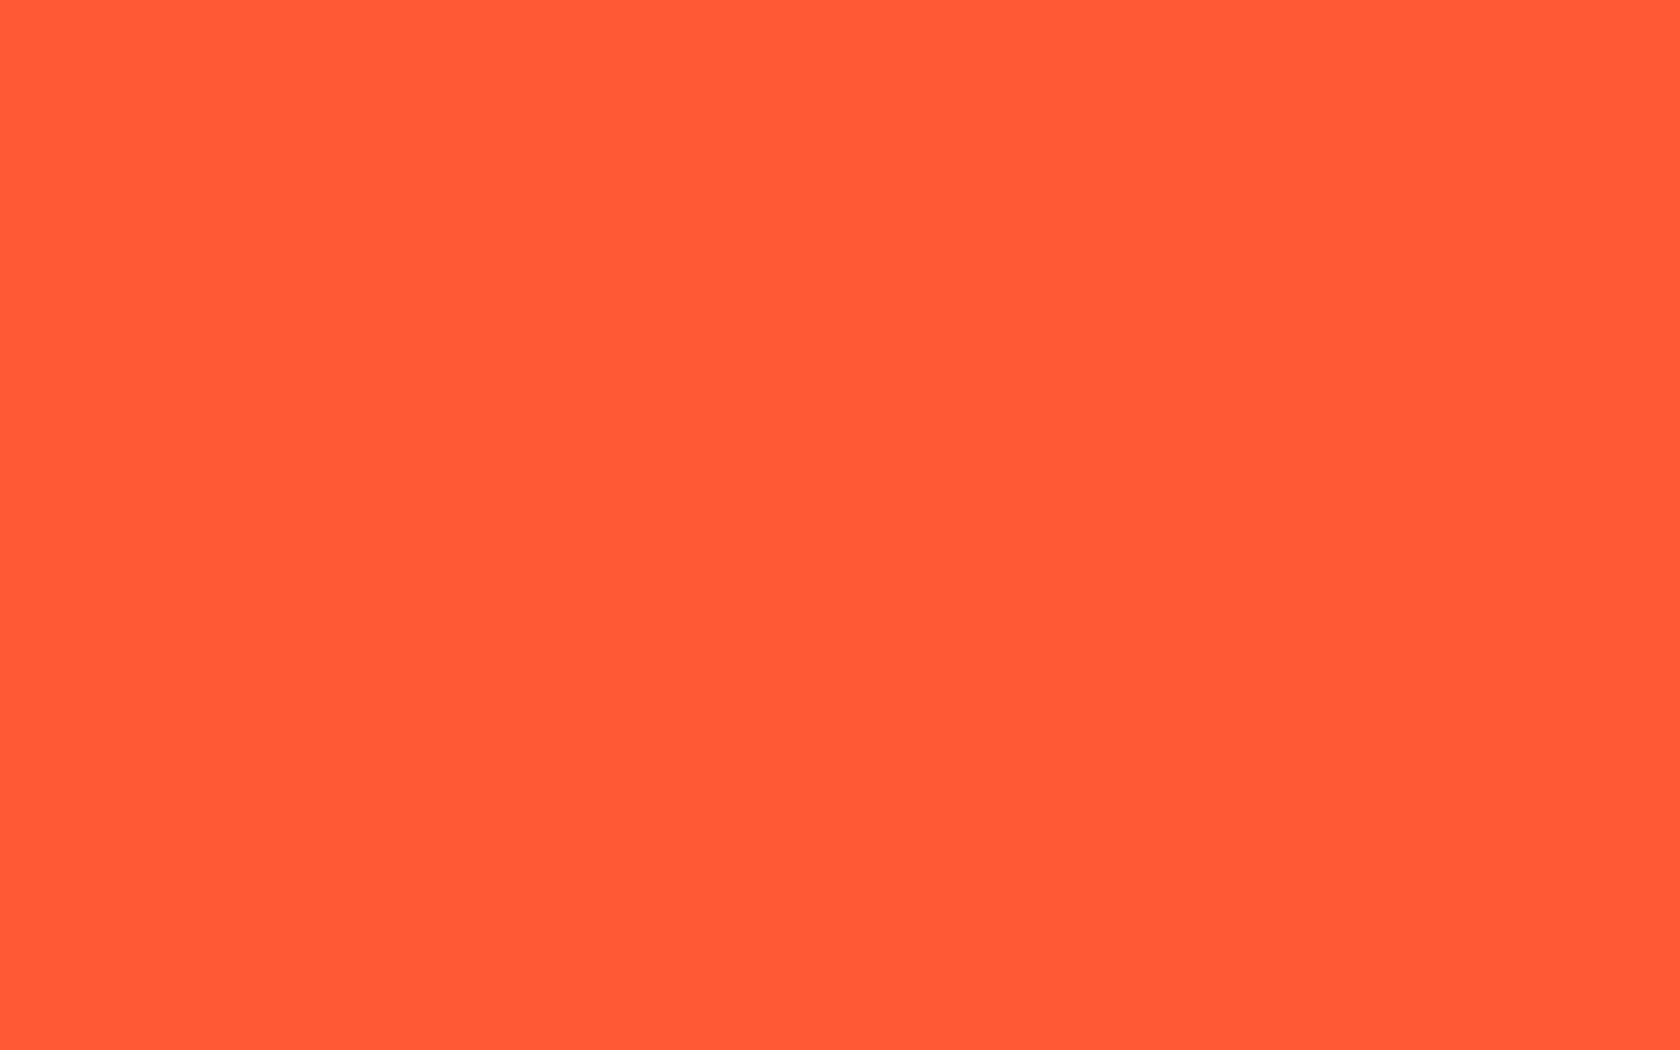 1680x1050 Portland Orange Solid Color Background